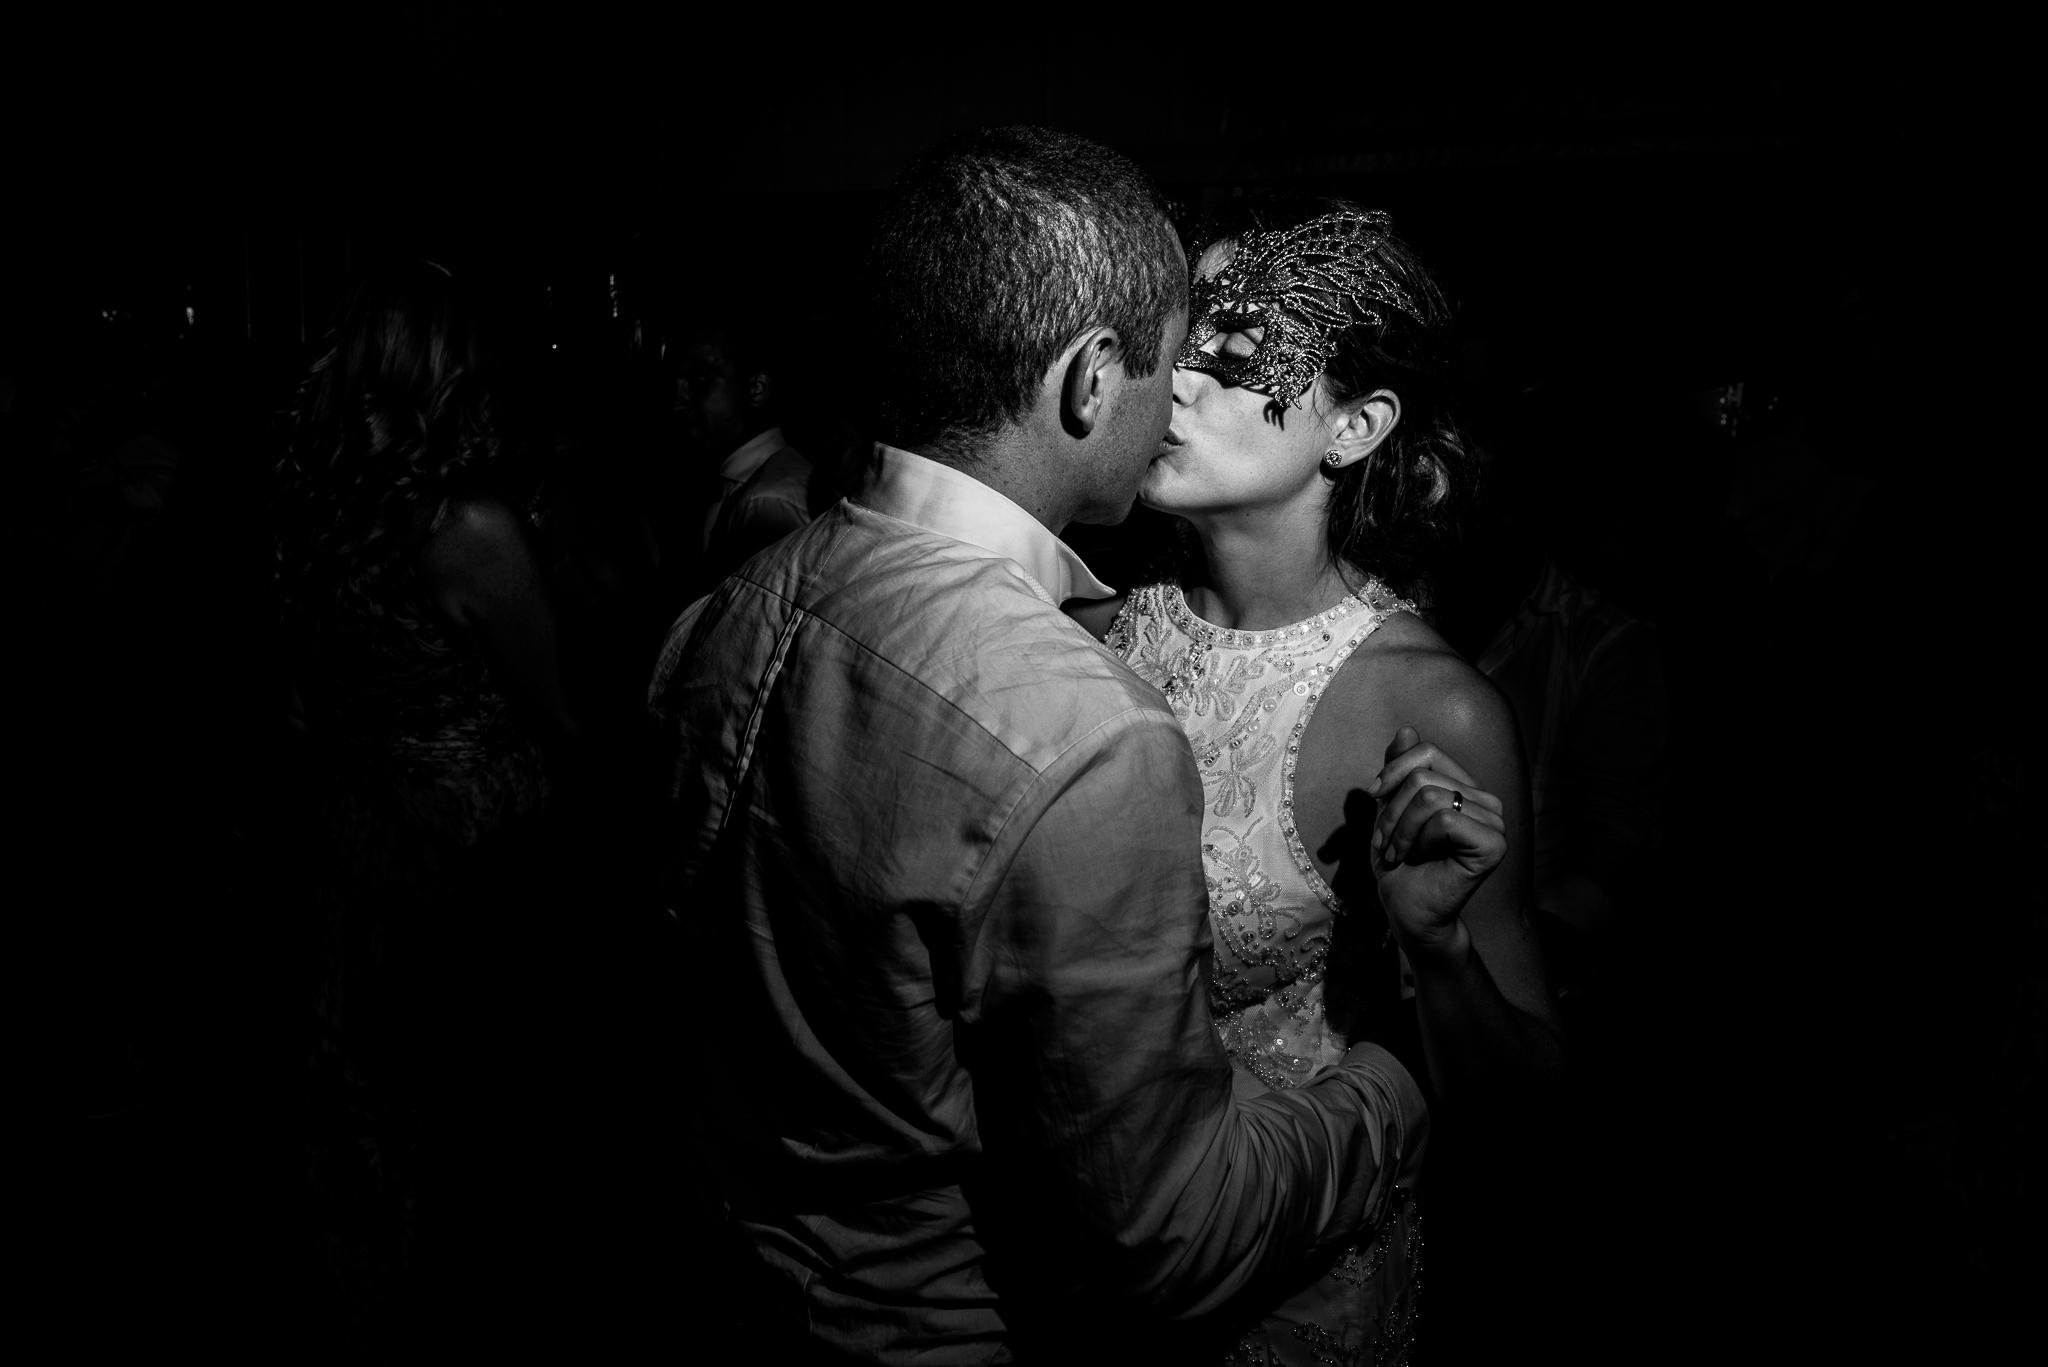 boda-bariloche-maxi-oviedo-fotografo-ramo-vestido-de-novia-72.jpg